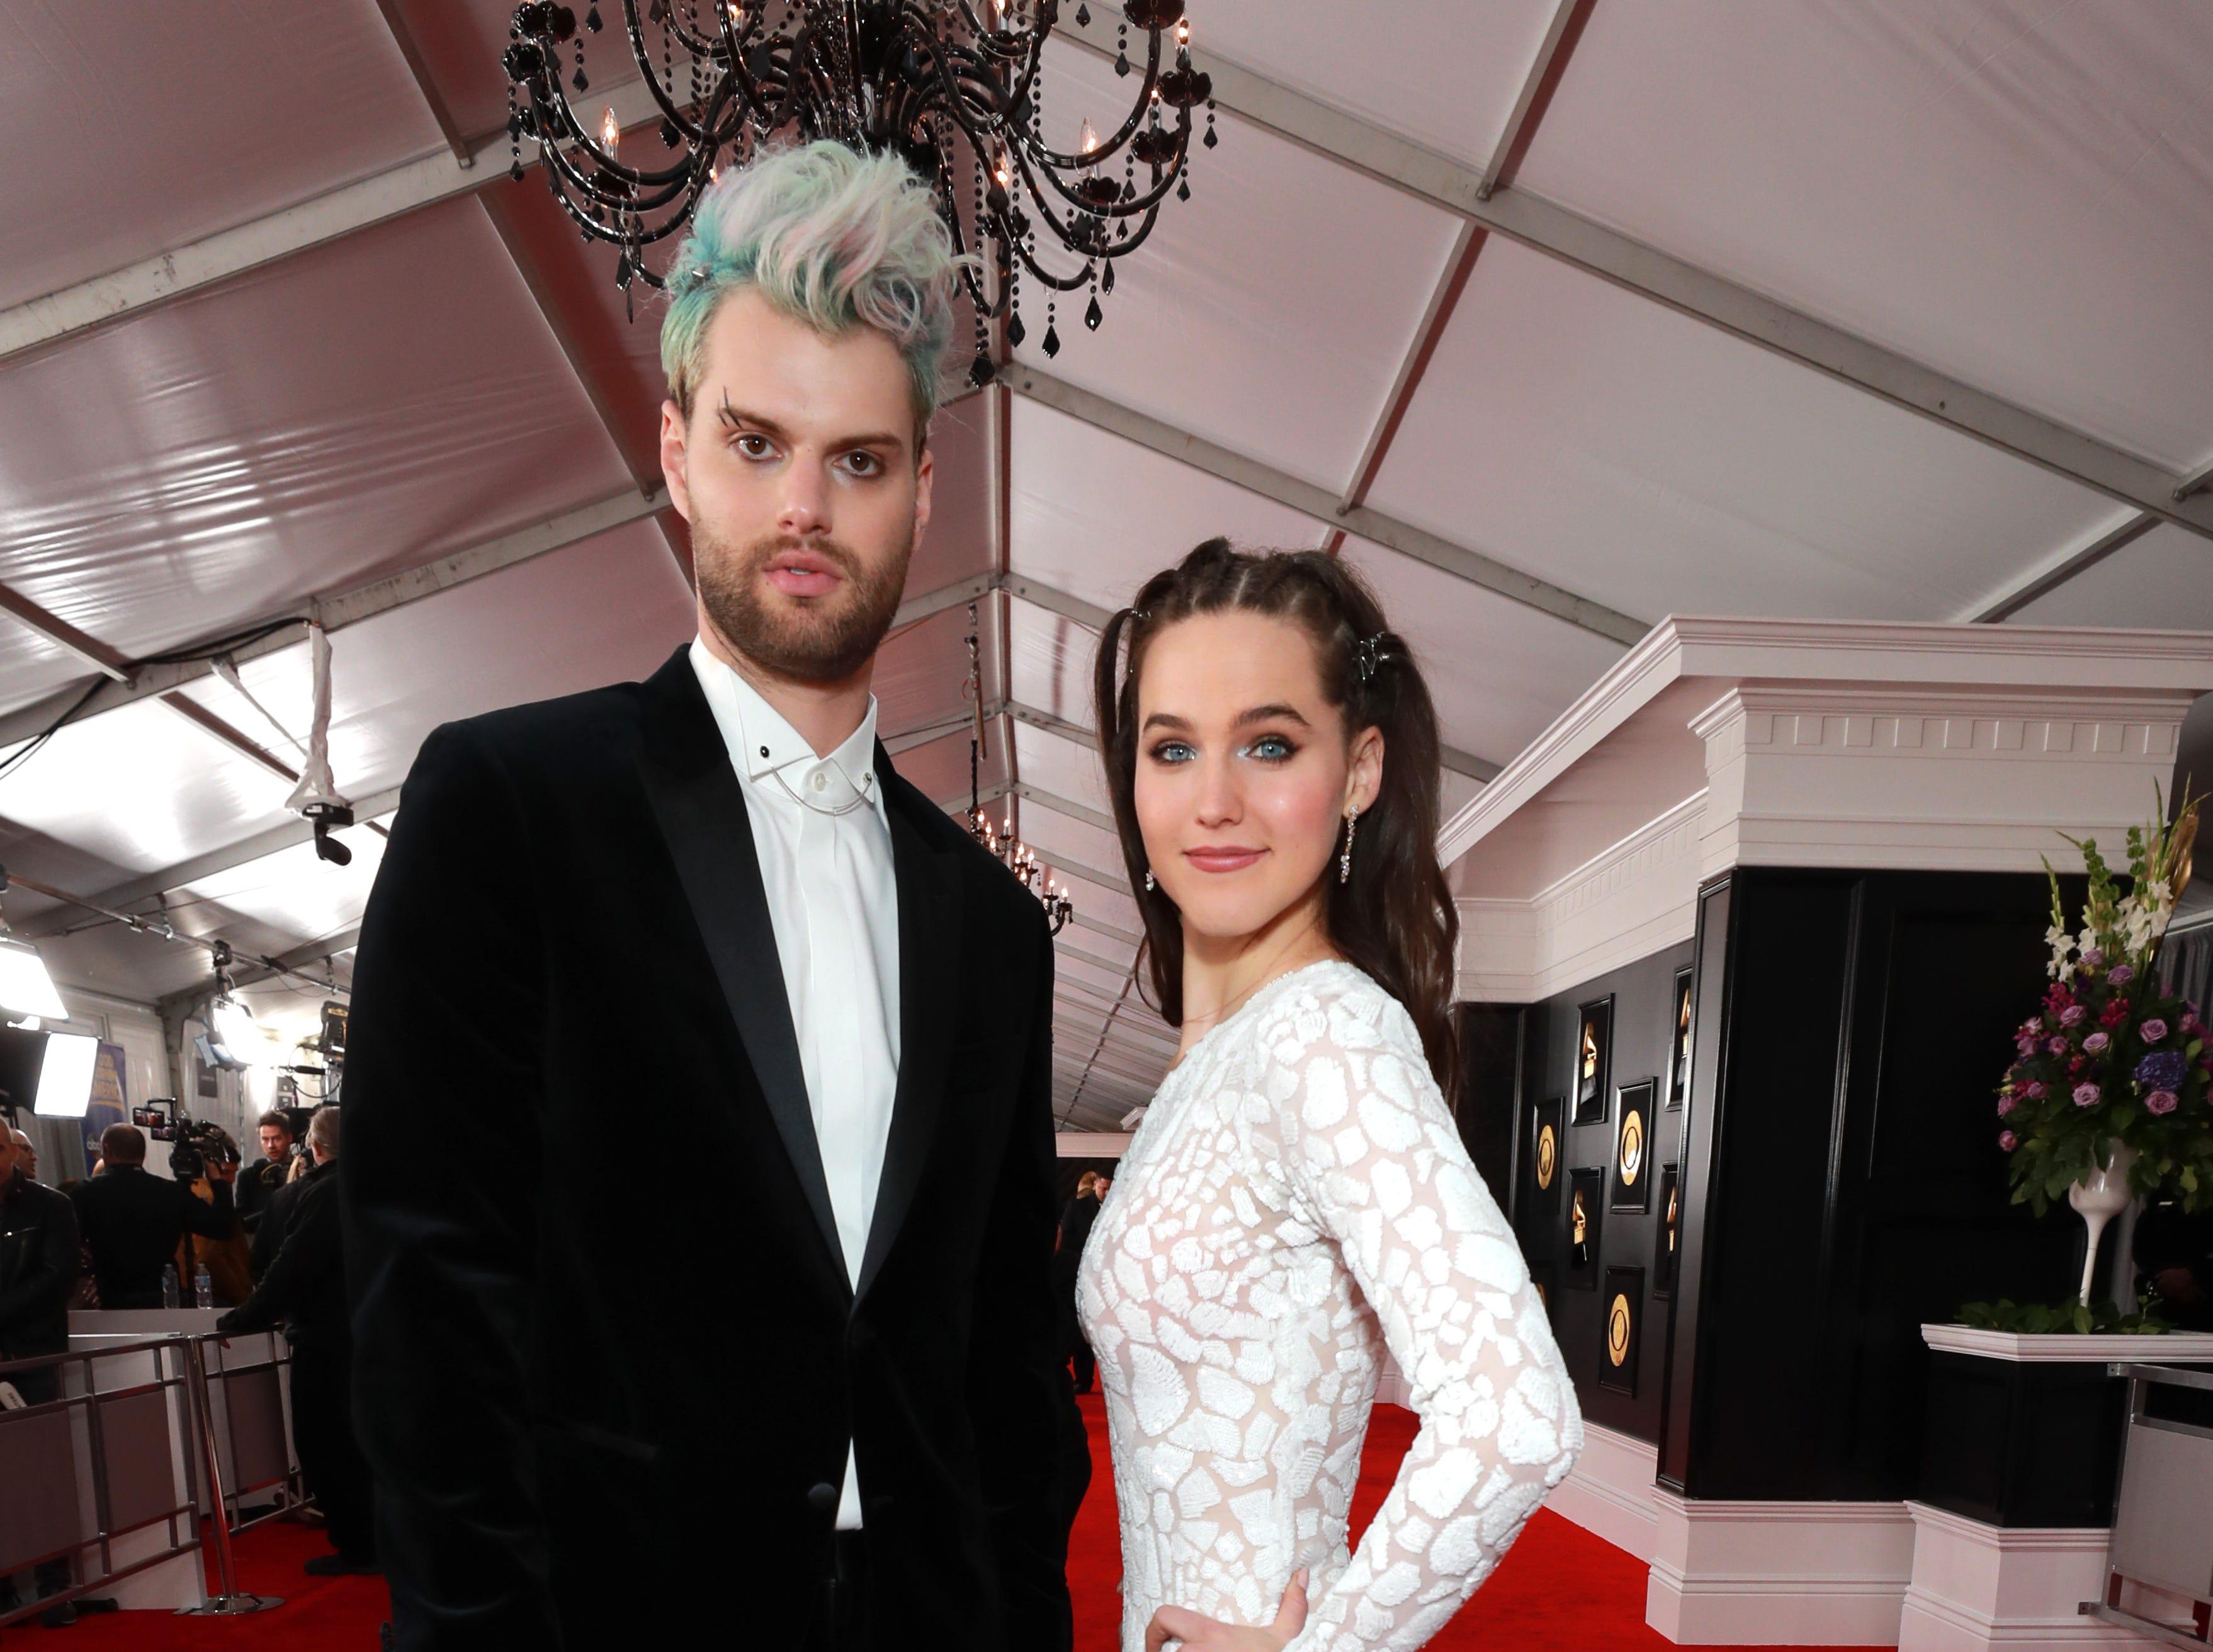 Tucker Halpern y Sophie Hawley-Weld de 'Sofi Tukker' asisten a la 61ª edición de los premios GRAMMY en el Staples Center el 10 de febrero de 2019 en Los Ángeles, California.